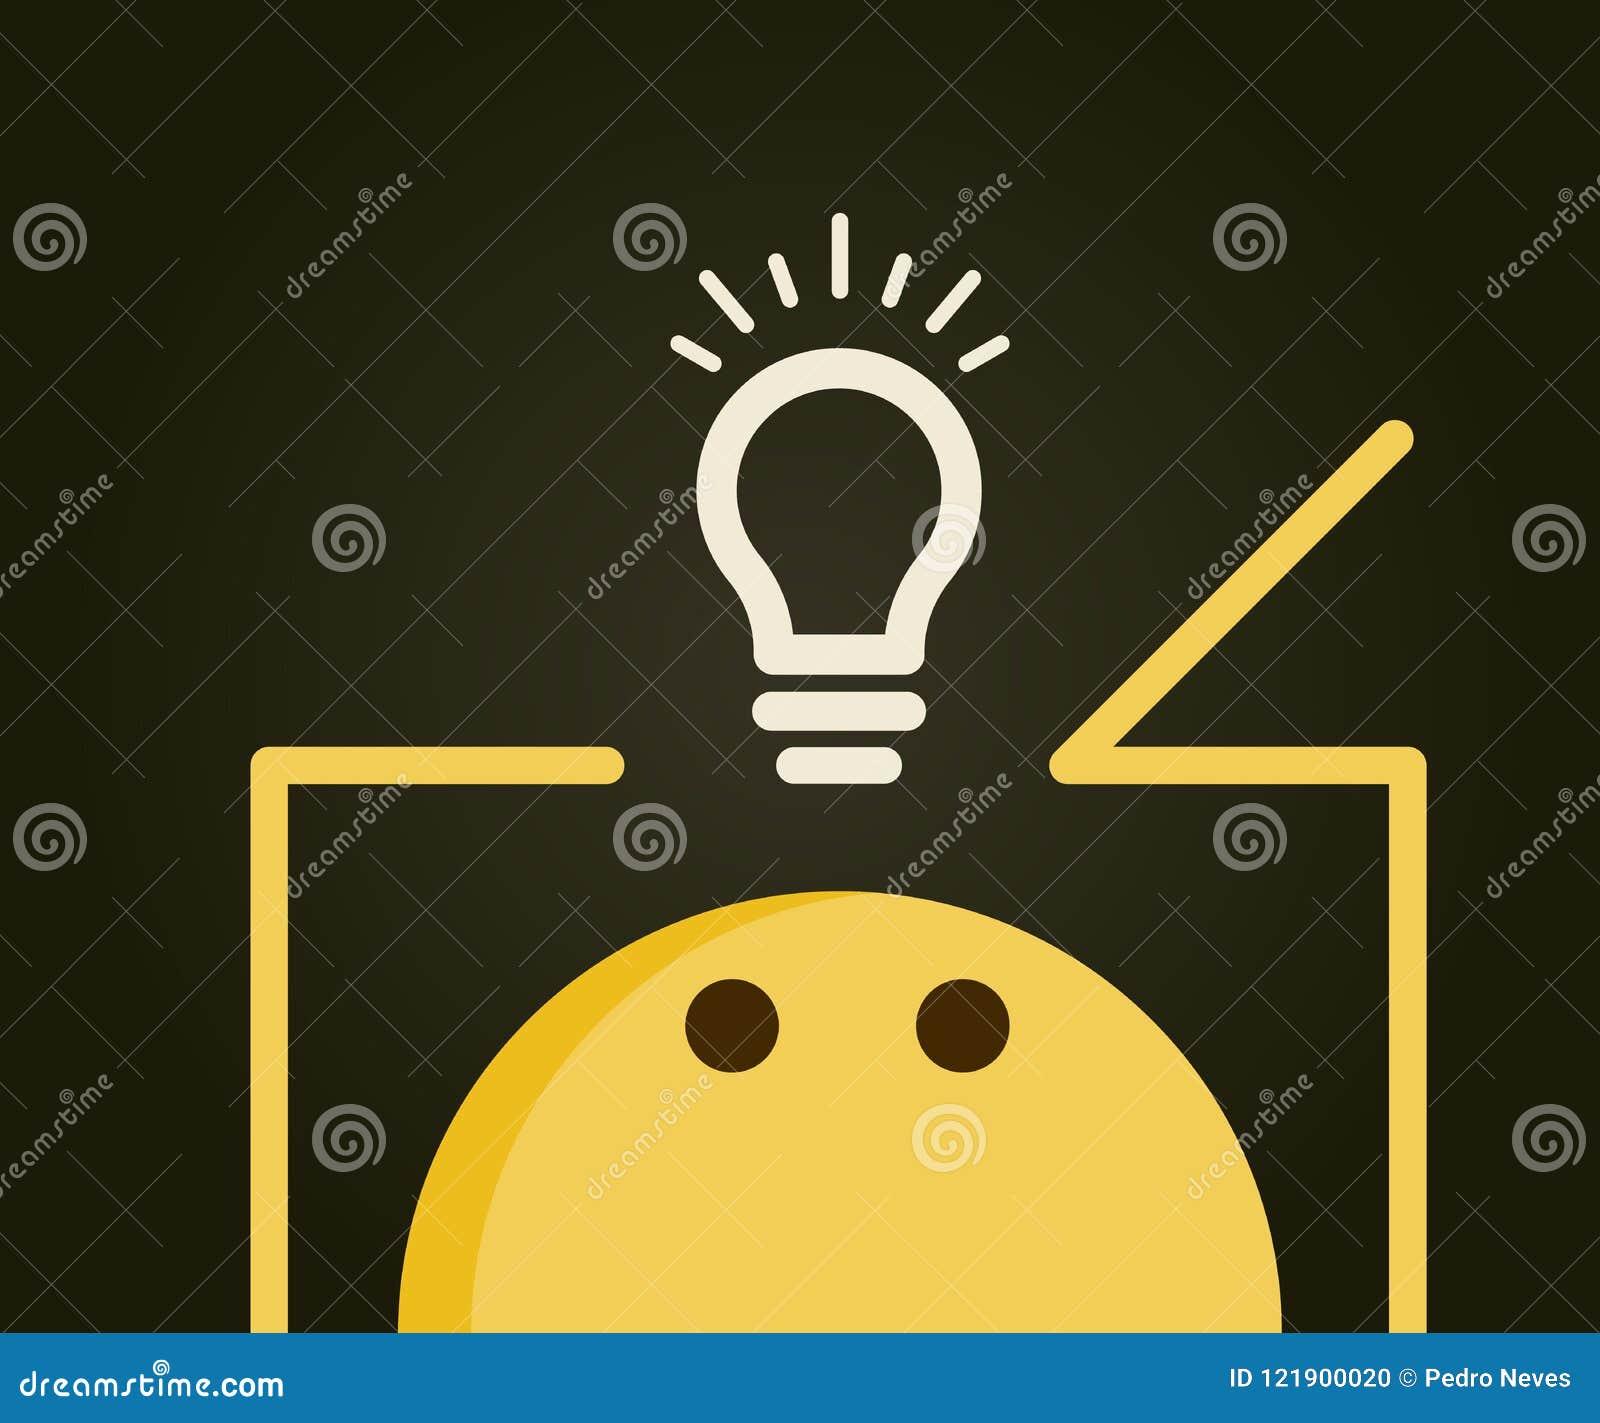 Emoticon, der außerhalb des Kastens denkt Glühlampe außerhalb des Kastens, der neue innovative Ideen und Lösungen darstellt